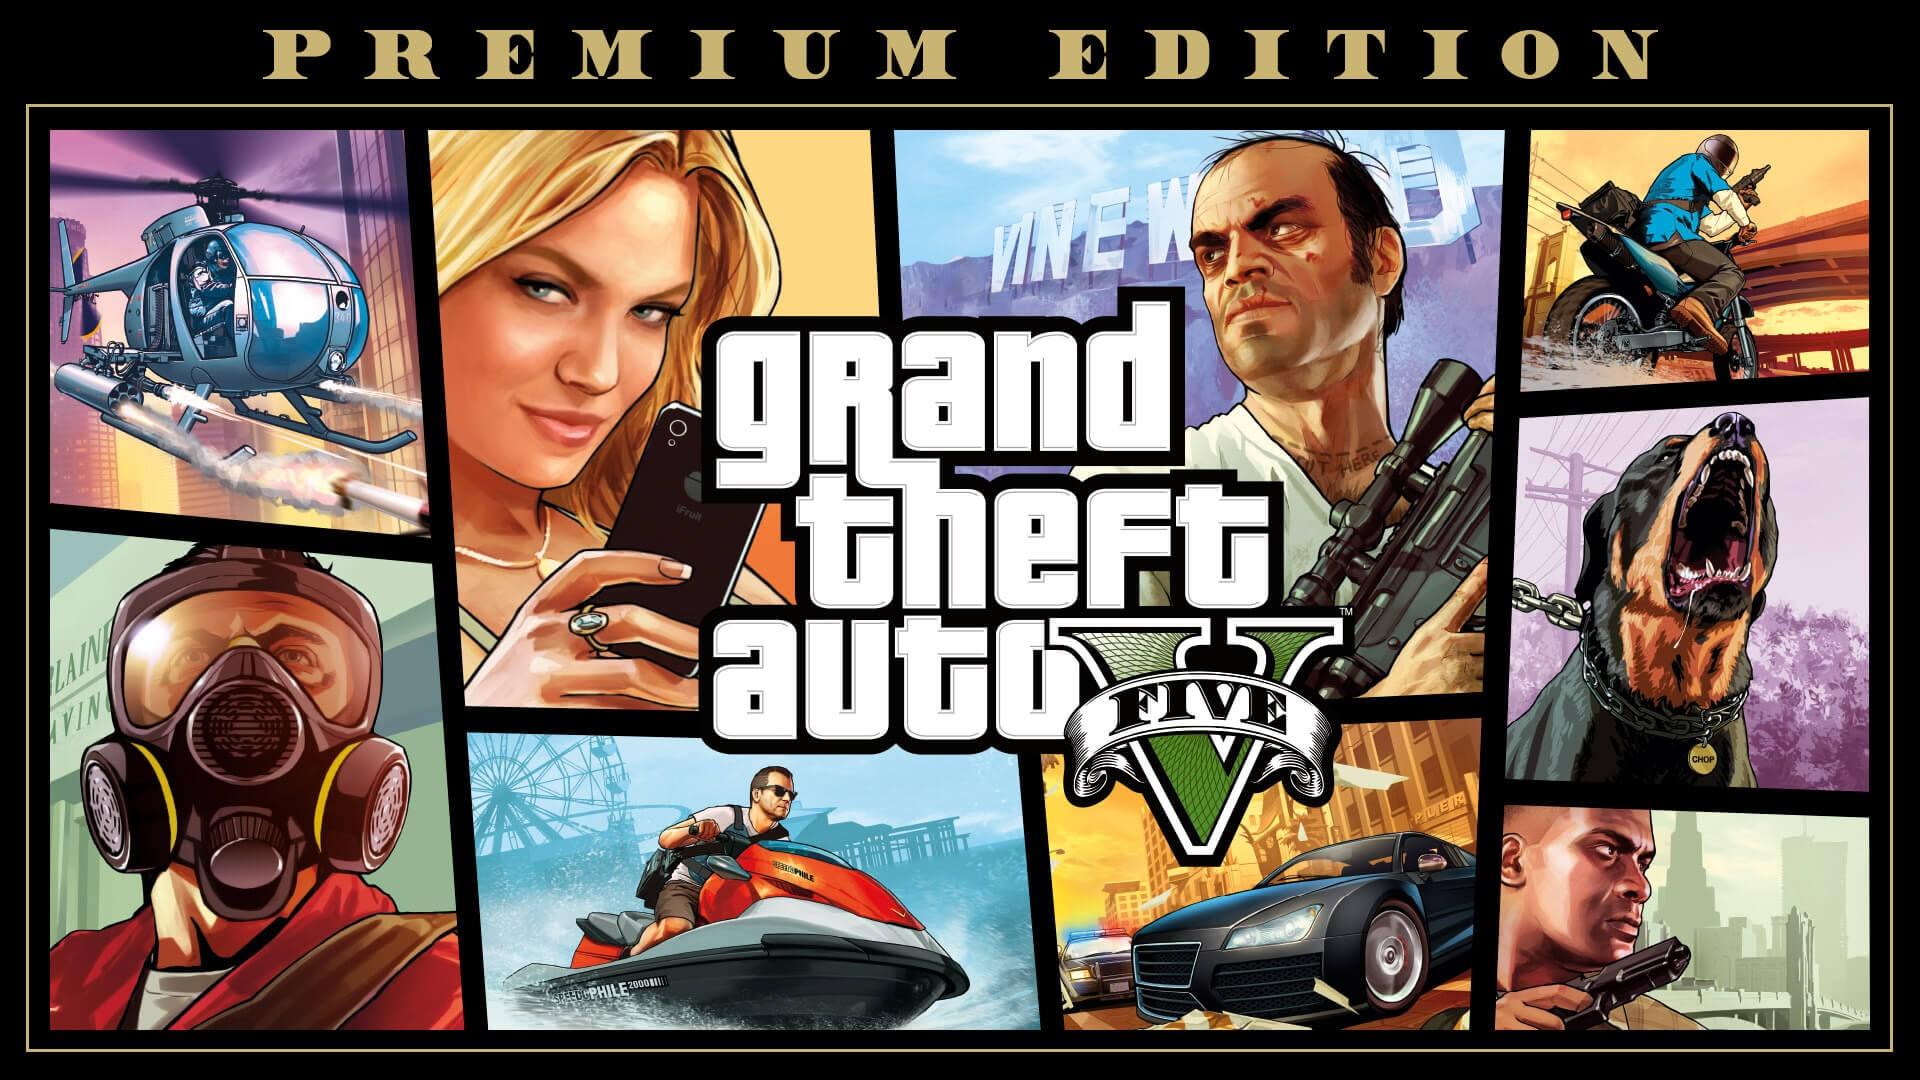 تحميل GTA 5 مجاناً طريقة مضمونة وحصرية - إفهم أون لاين